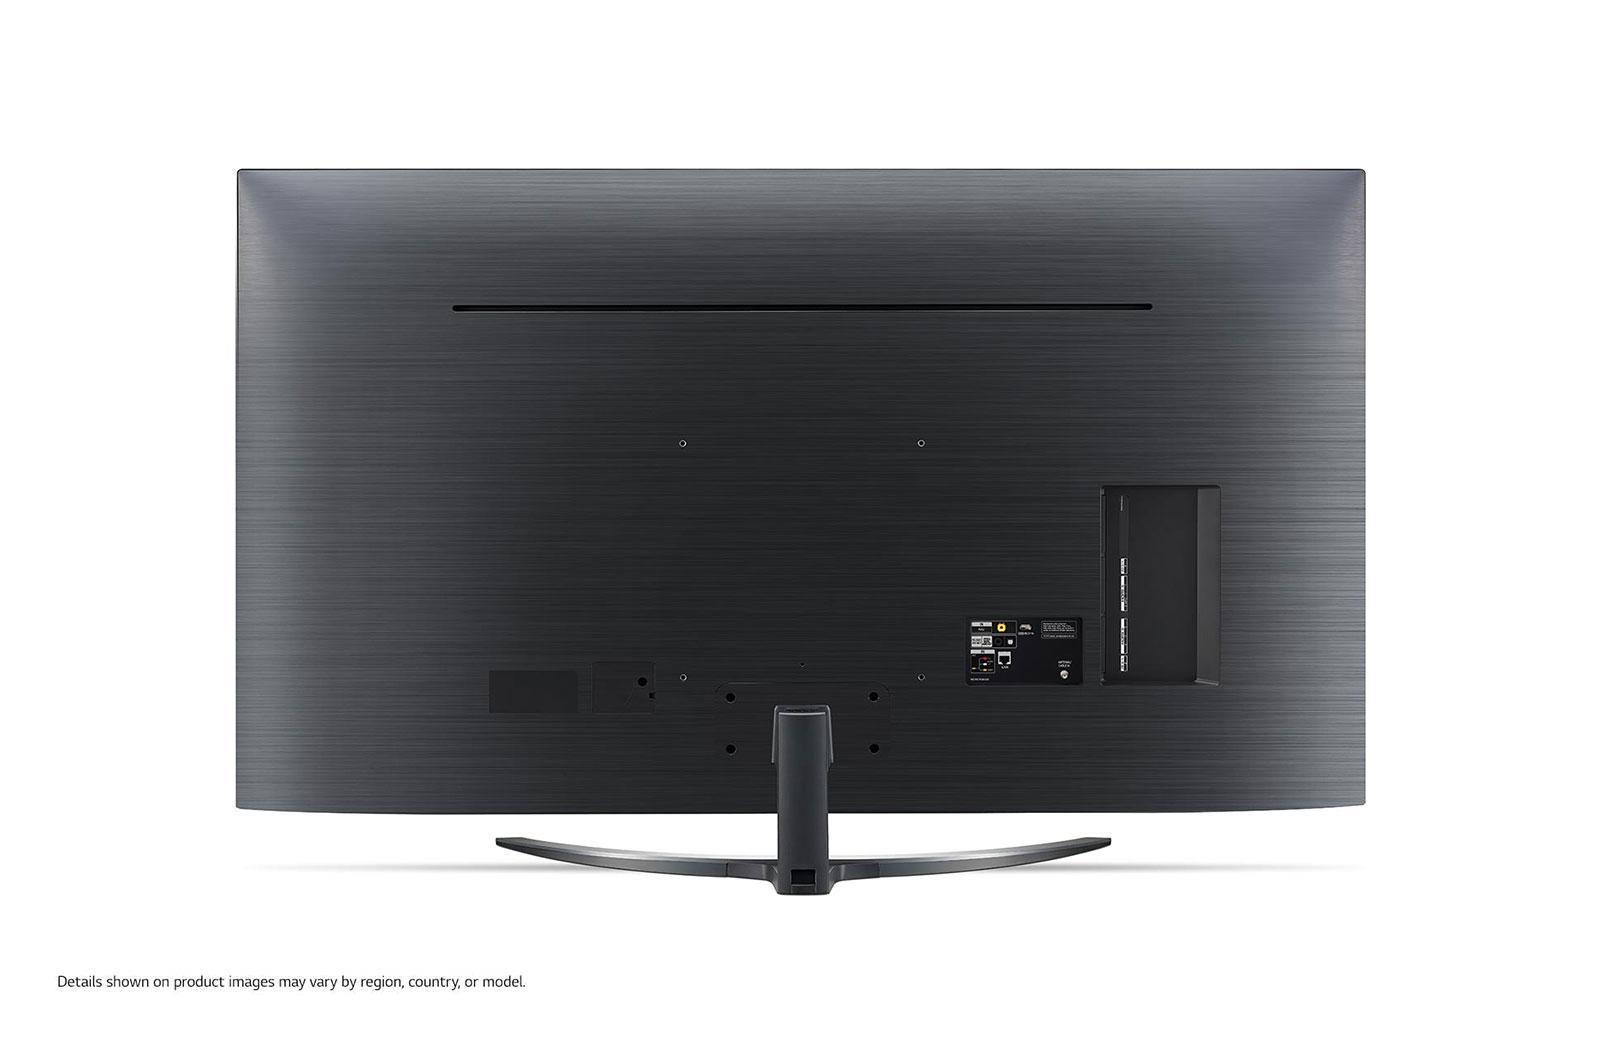 LG NanoCell TV 65 inch SM9000 Series 65SM9000PVA 3